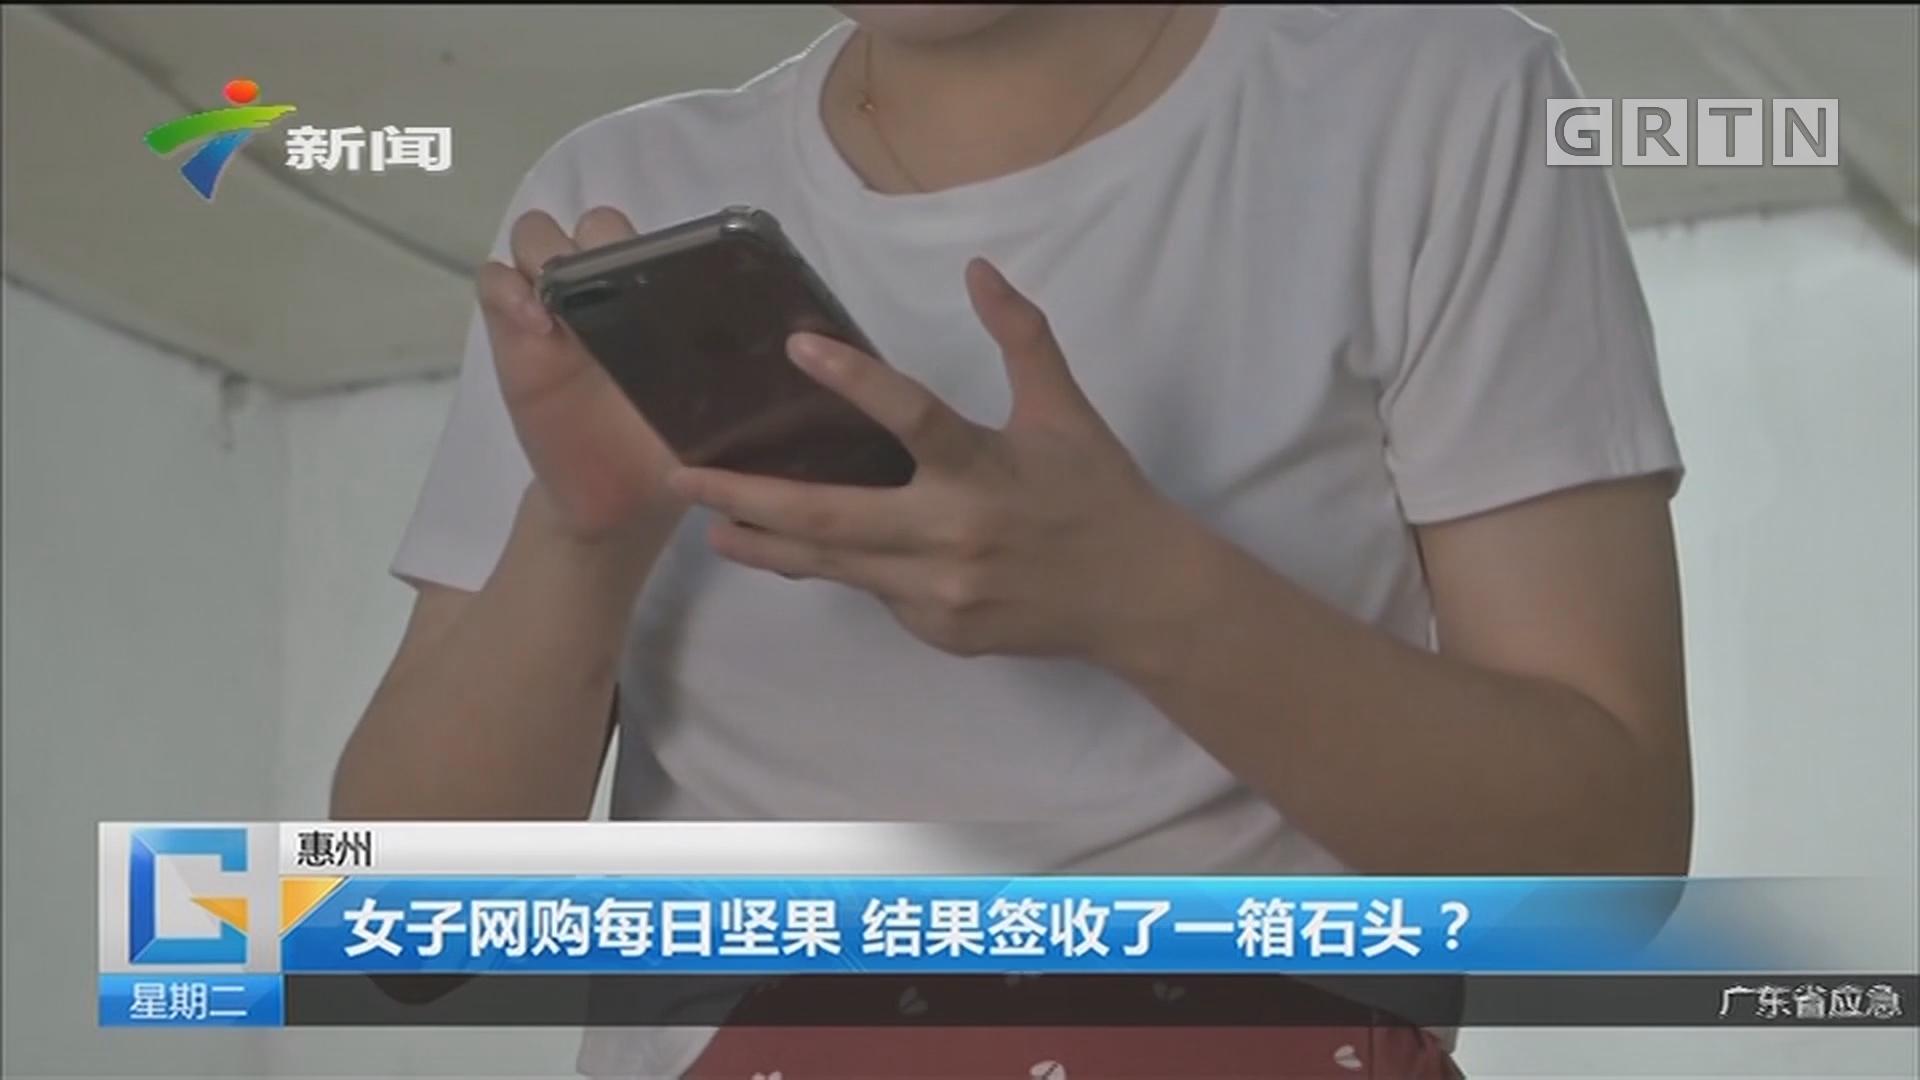 惠州:女子网购每日坚果 结果签收了一箱石头?